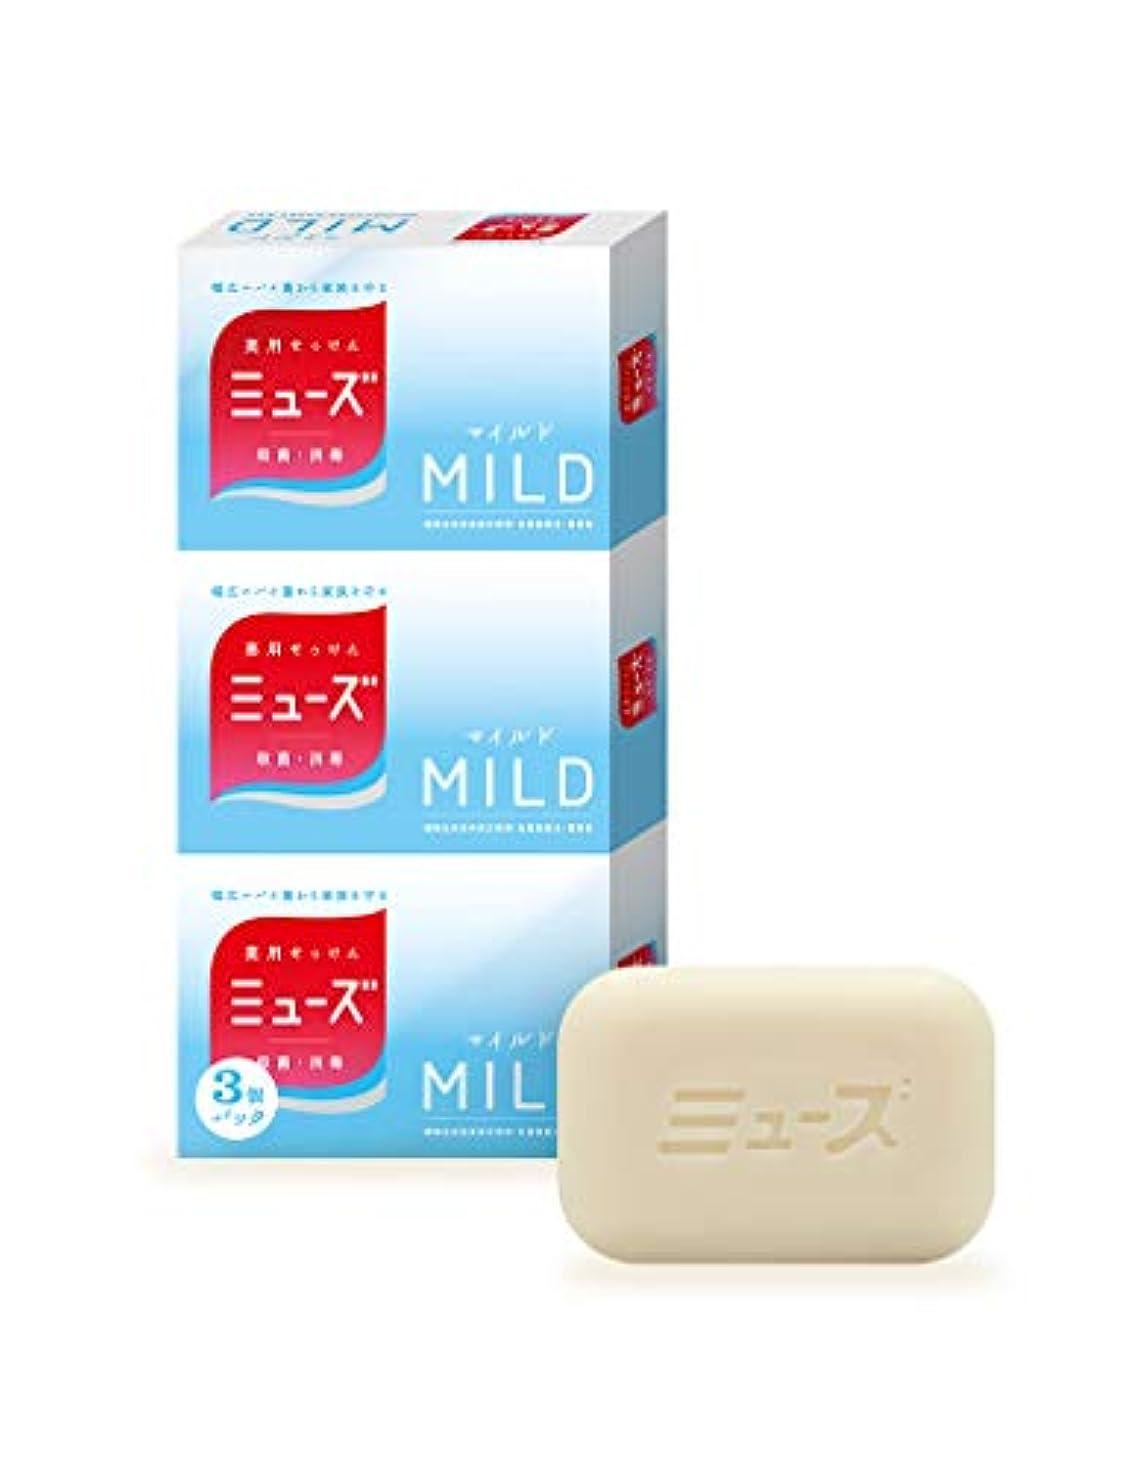 無力すべきライフル薬用せっけんミューズ 固形 石鹸 マイルド (95g×3個パック) お徳用 殺菌 消毒 手洗い 低刺激 植物由来洗浄成分配合